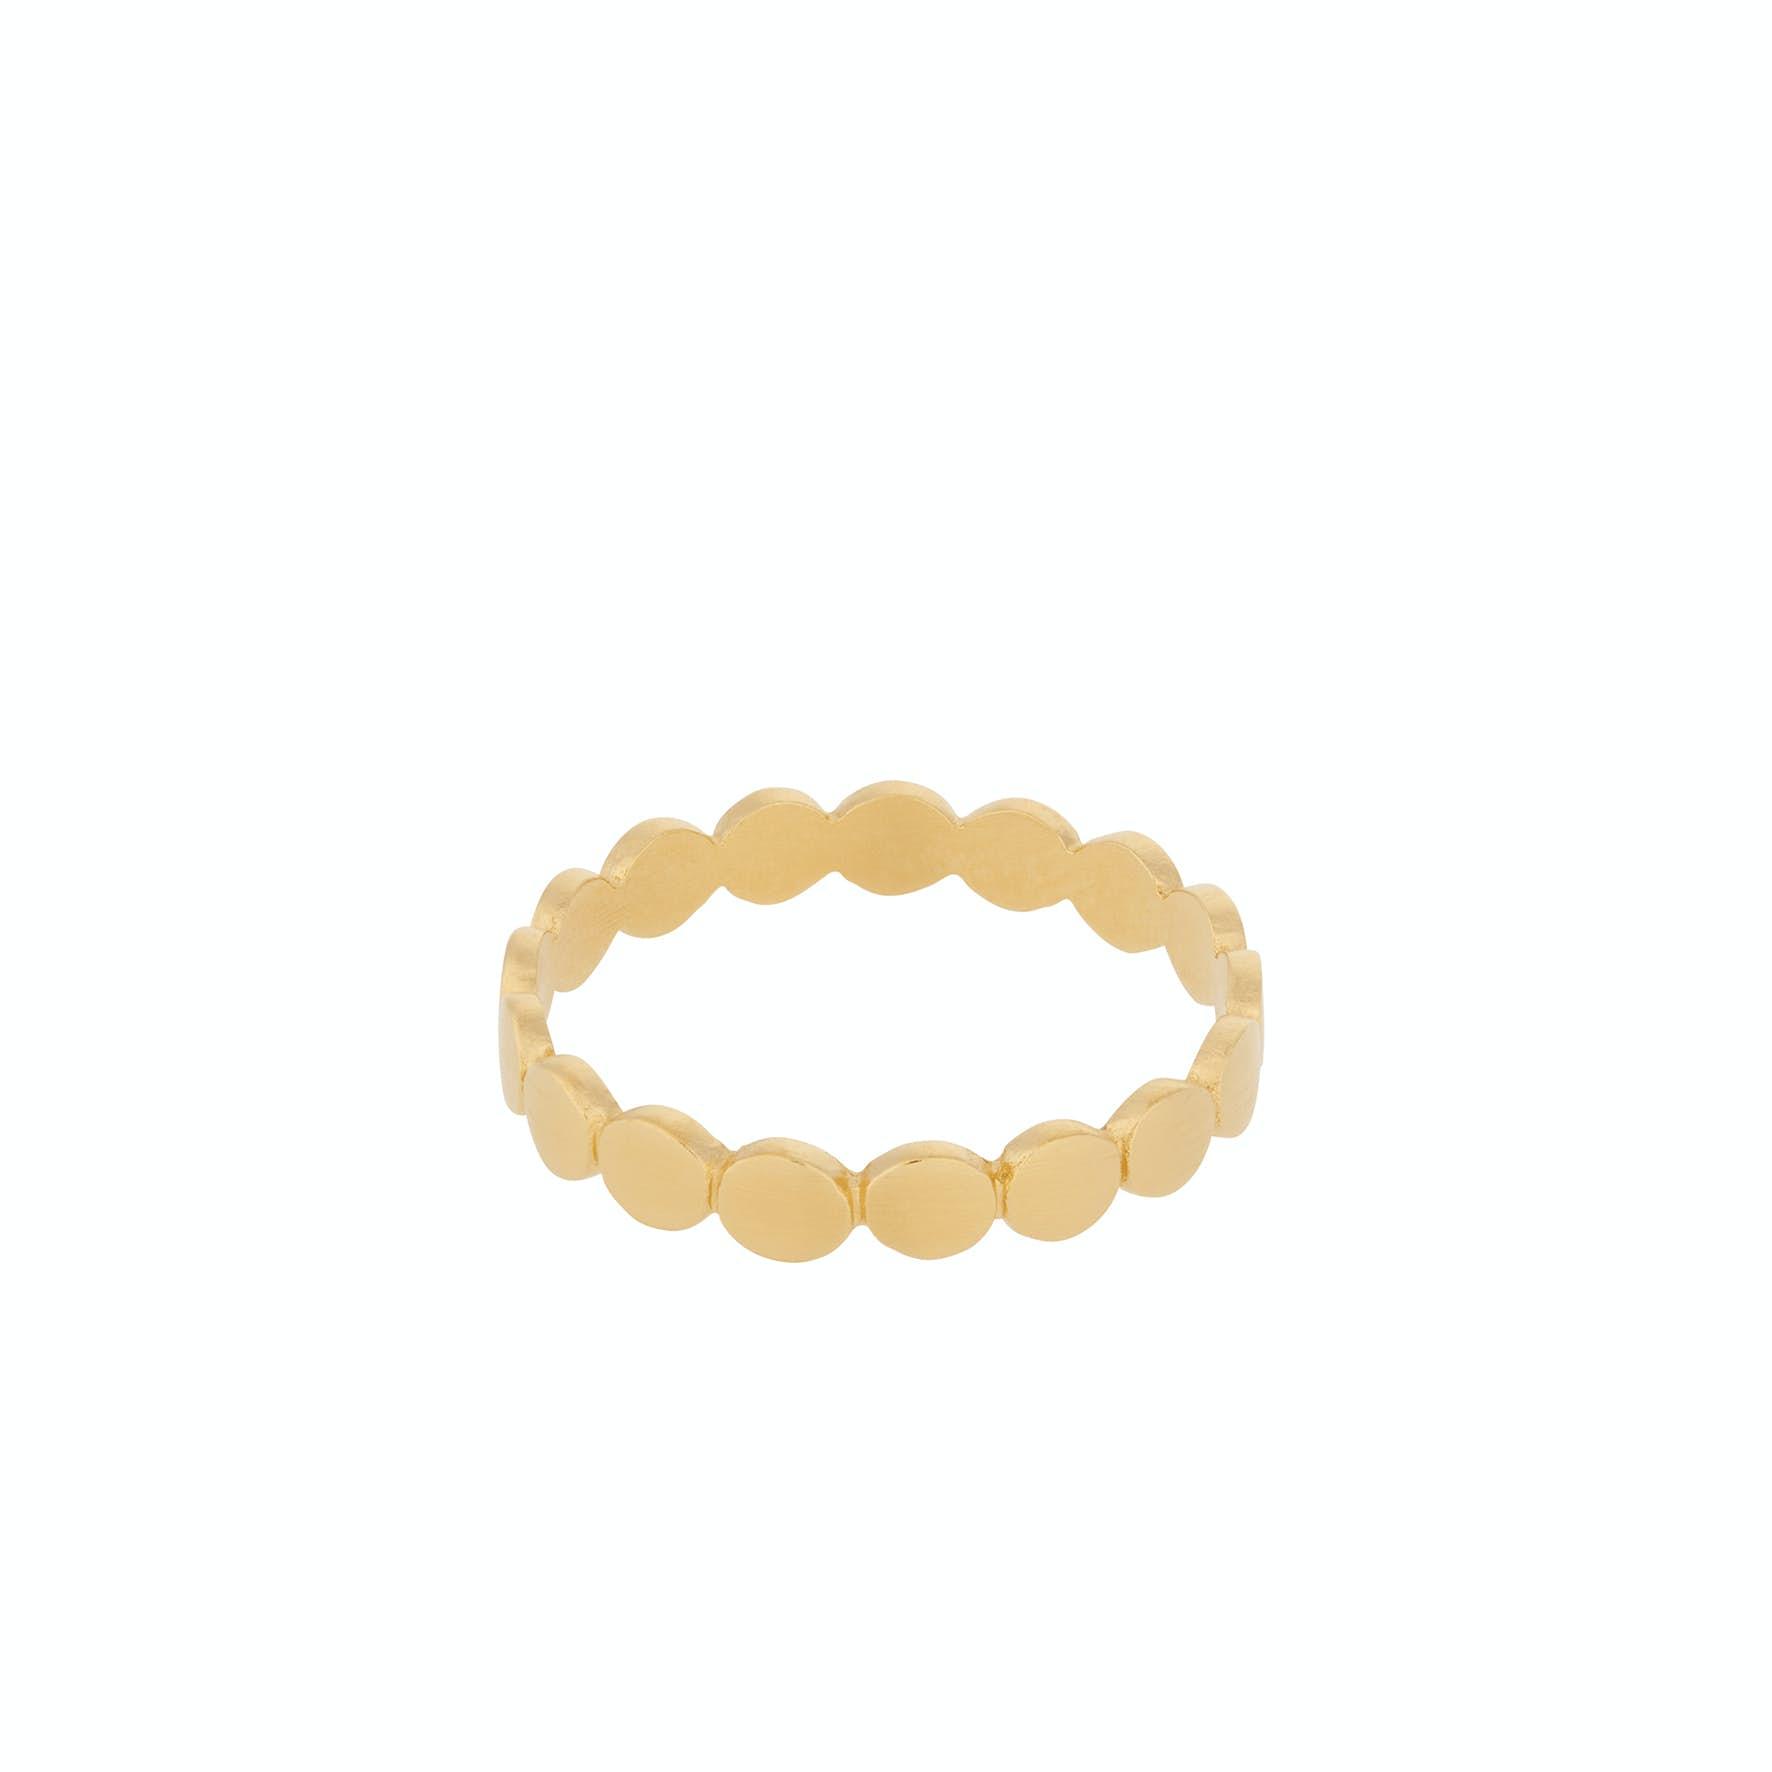 Catana Ring fra Pernille Corydon i Forgyldt-Sølv Sterling 925